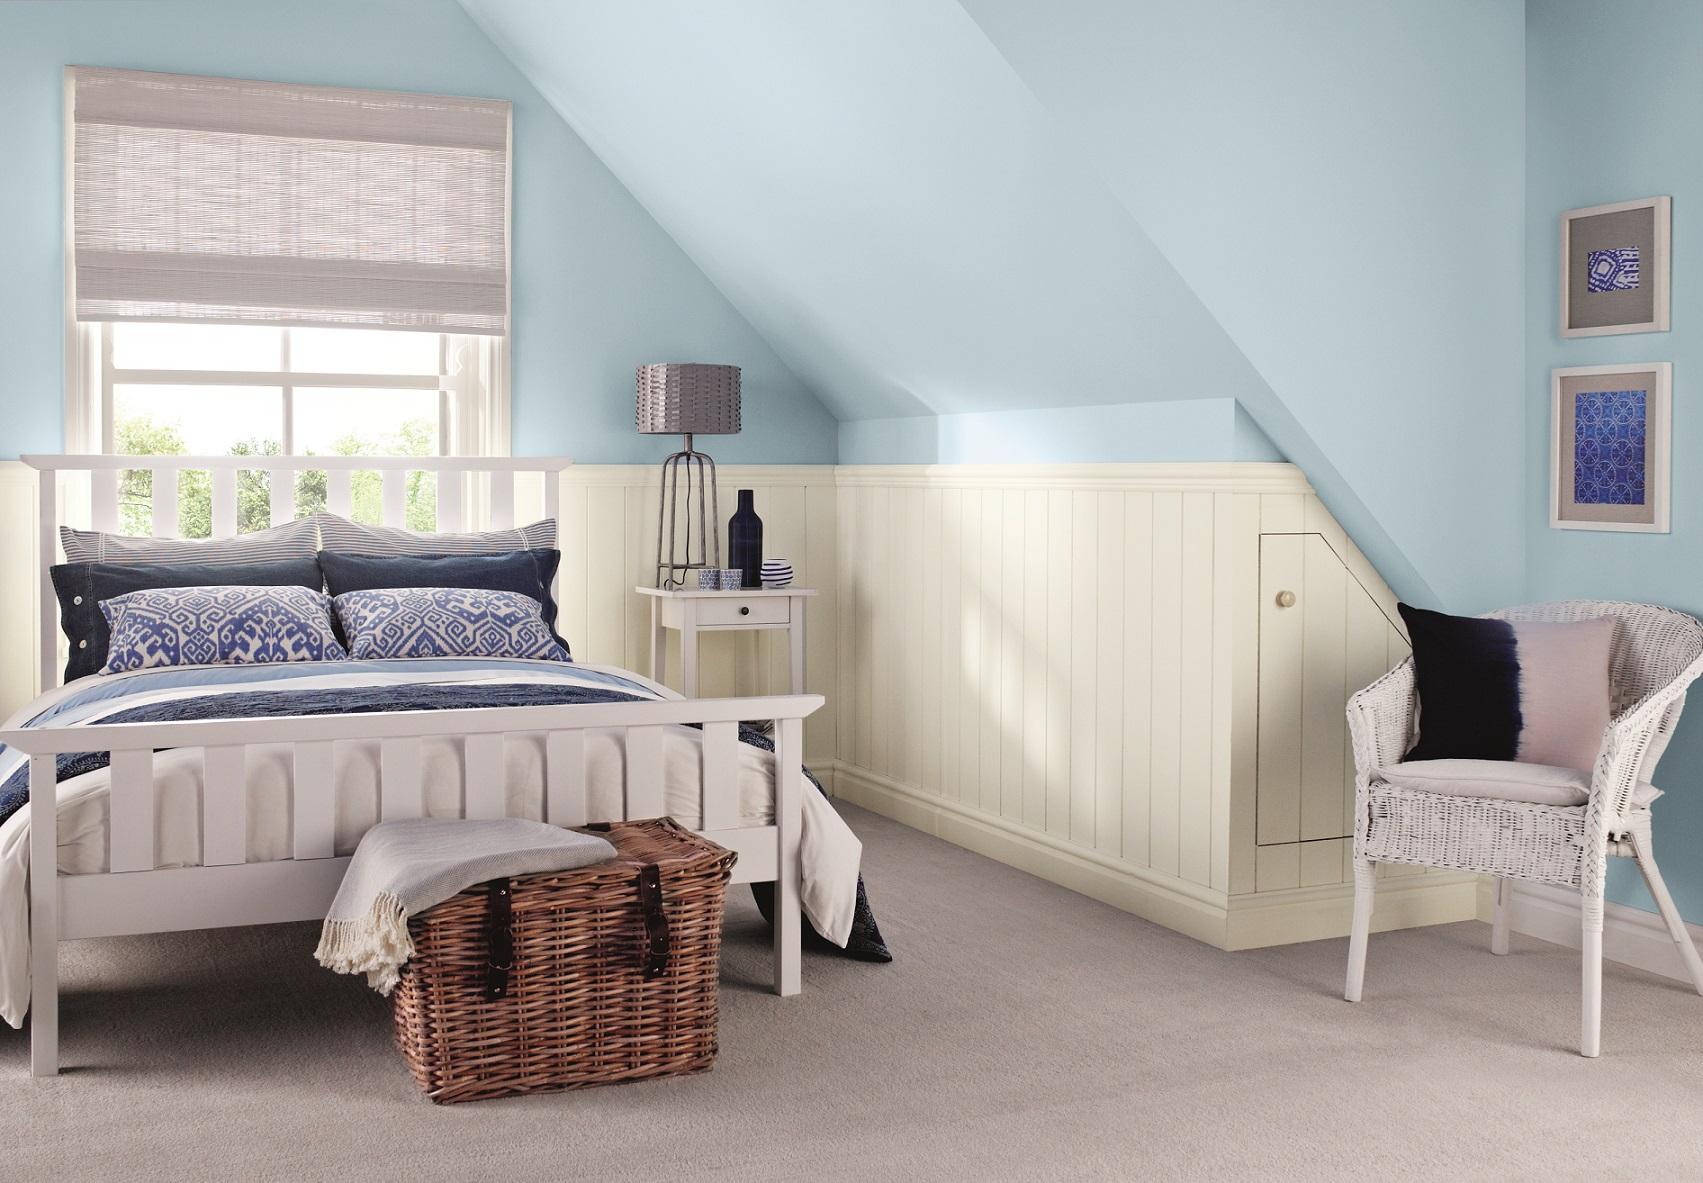 Couleur Apaisante Pour Bureau conseils pour choisir la bonne couleur pour vos murs - blog